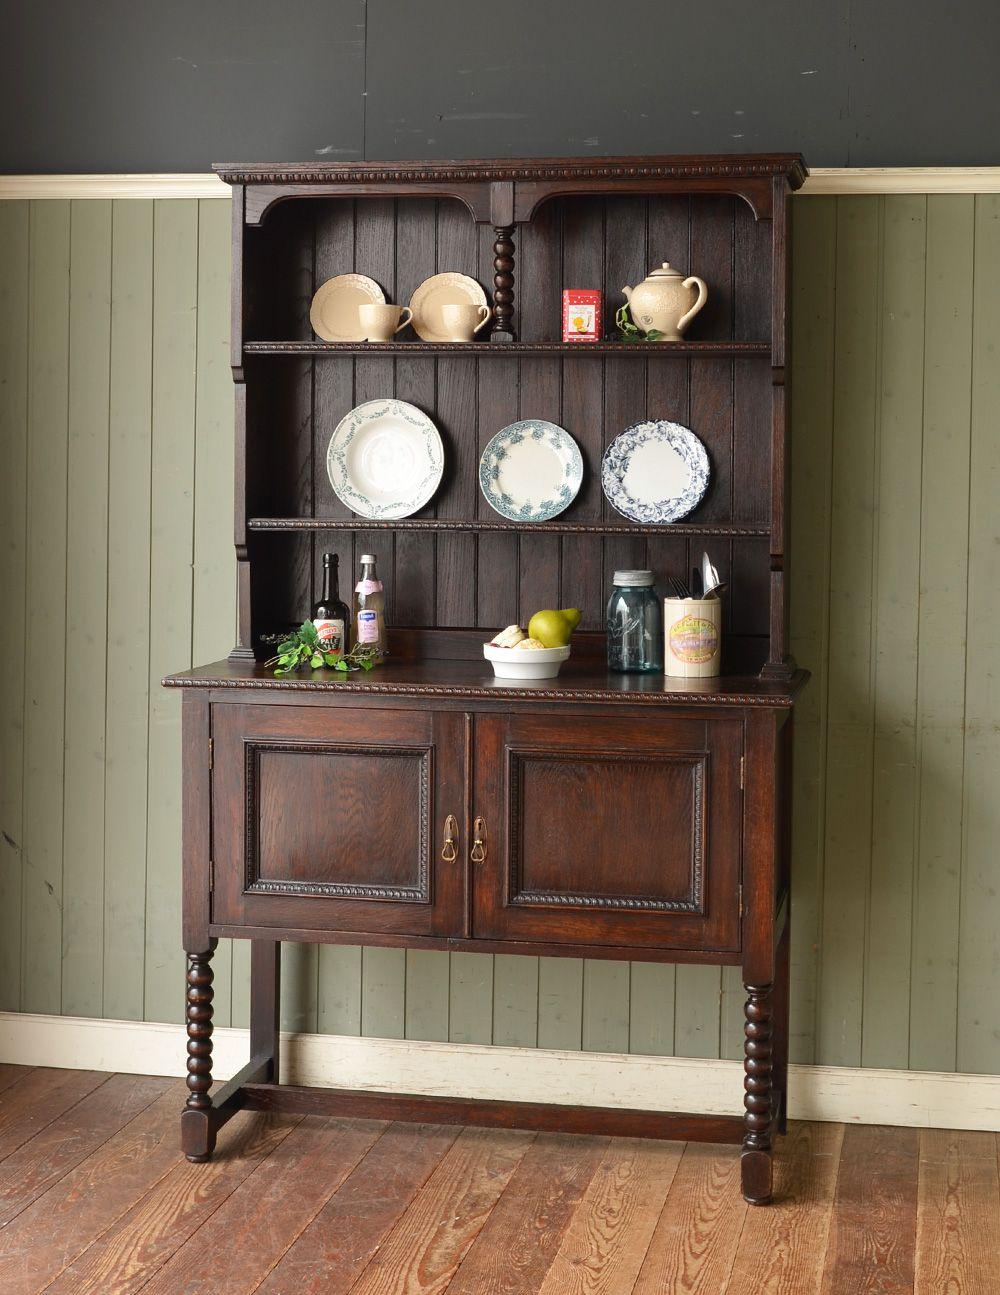 シックなアンティークの英国家具、美しいウェルッシュドレッサー(食器棚